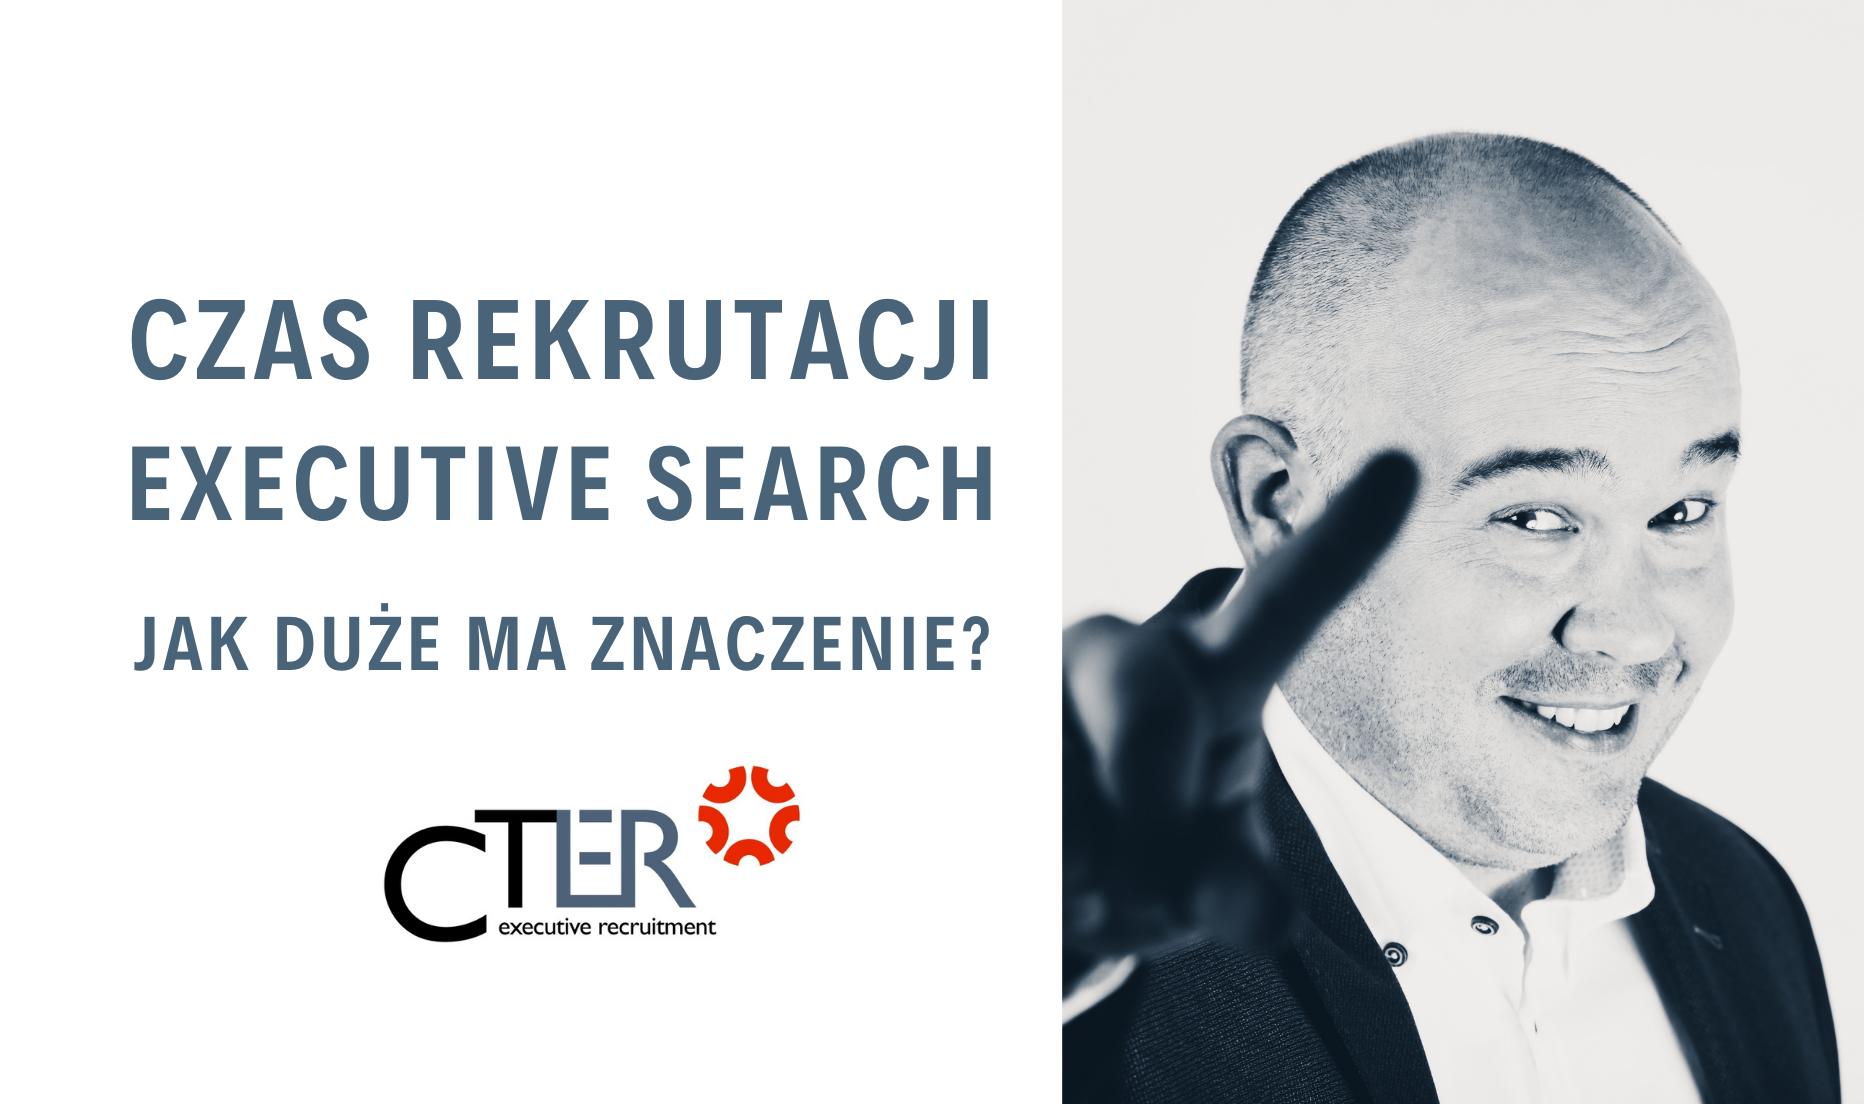 executive search ile trwa